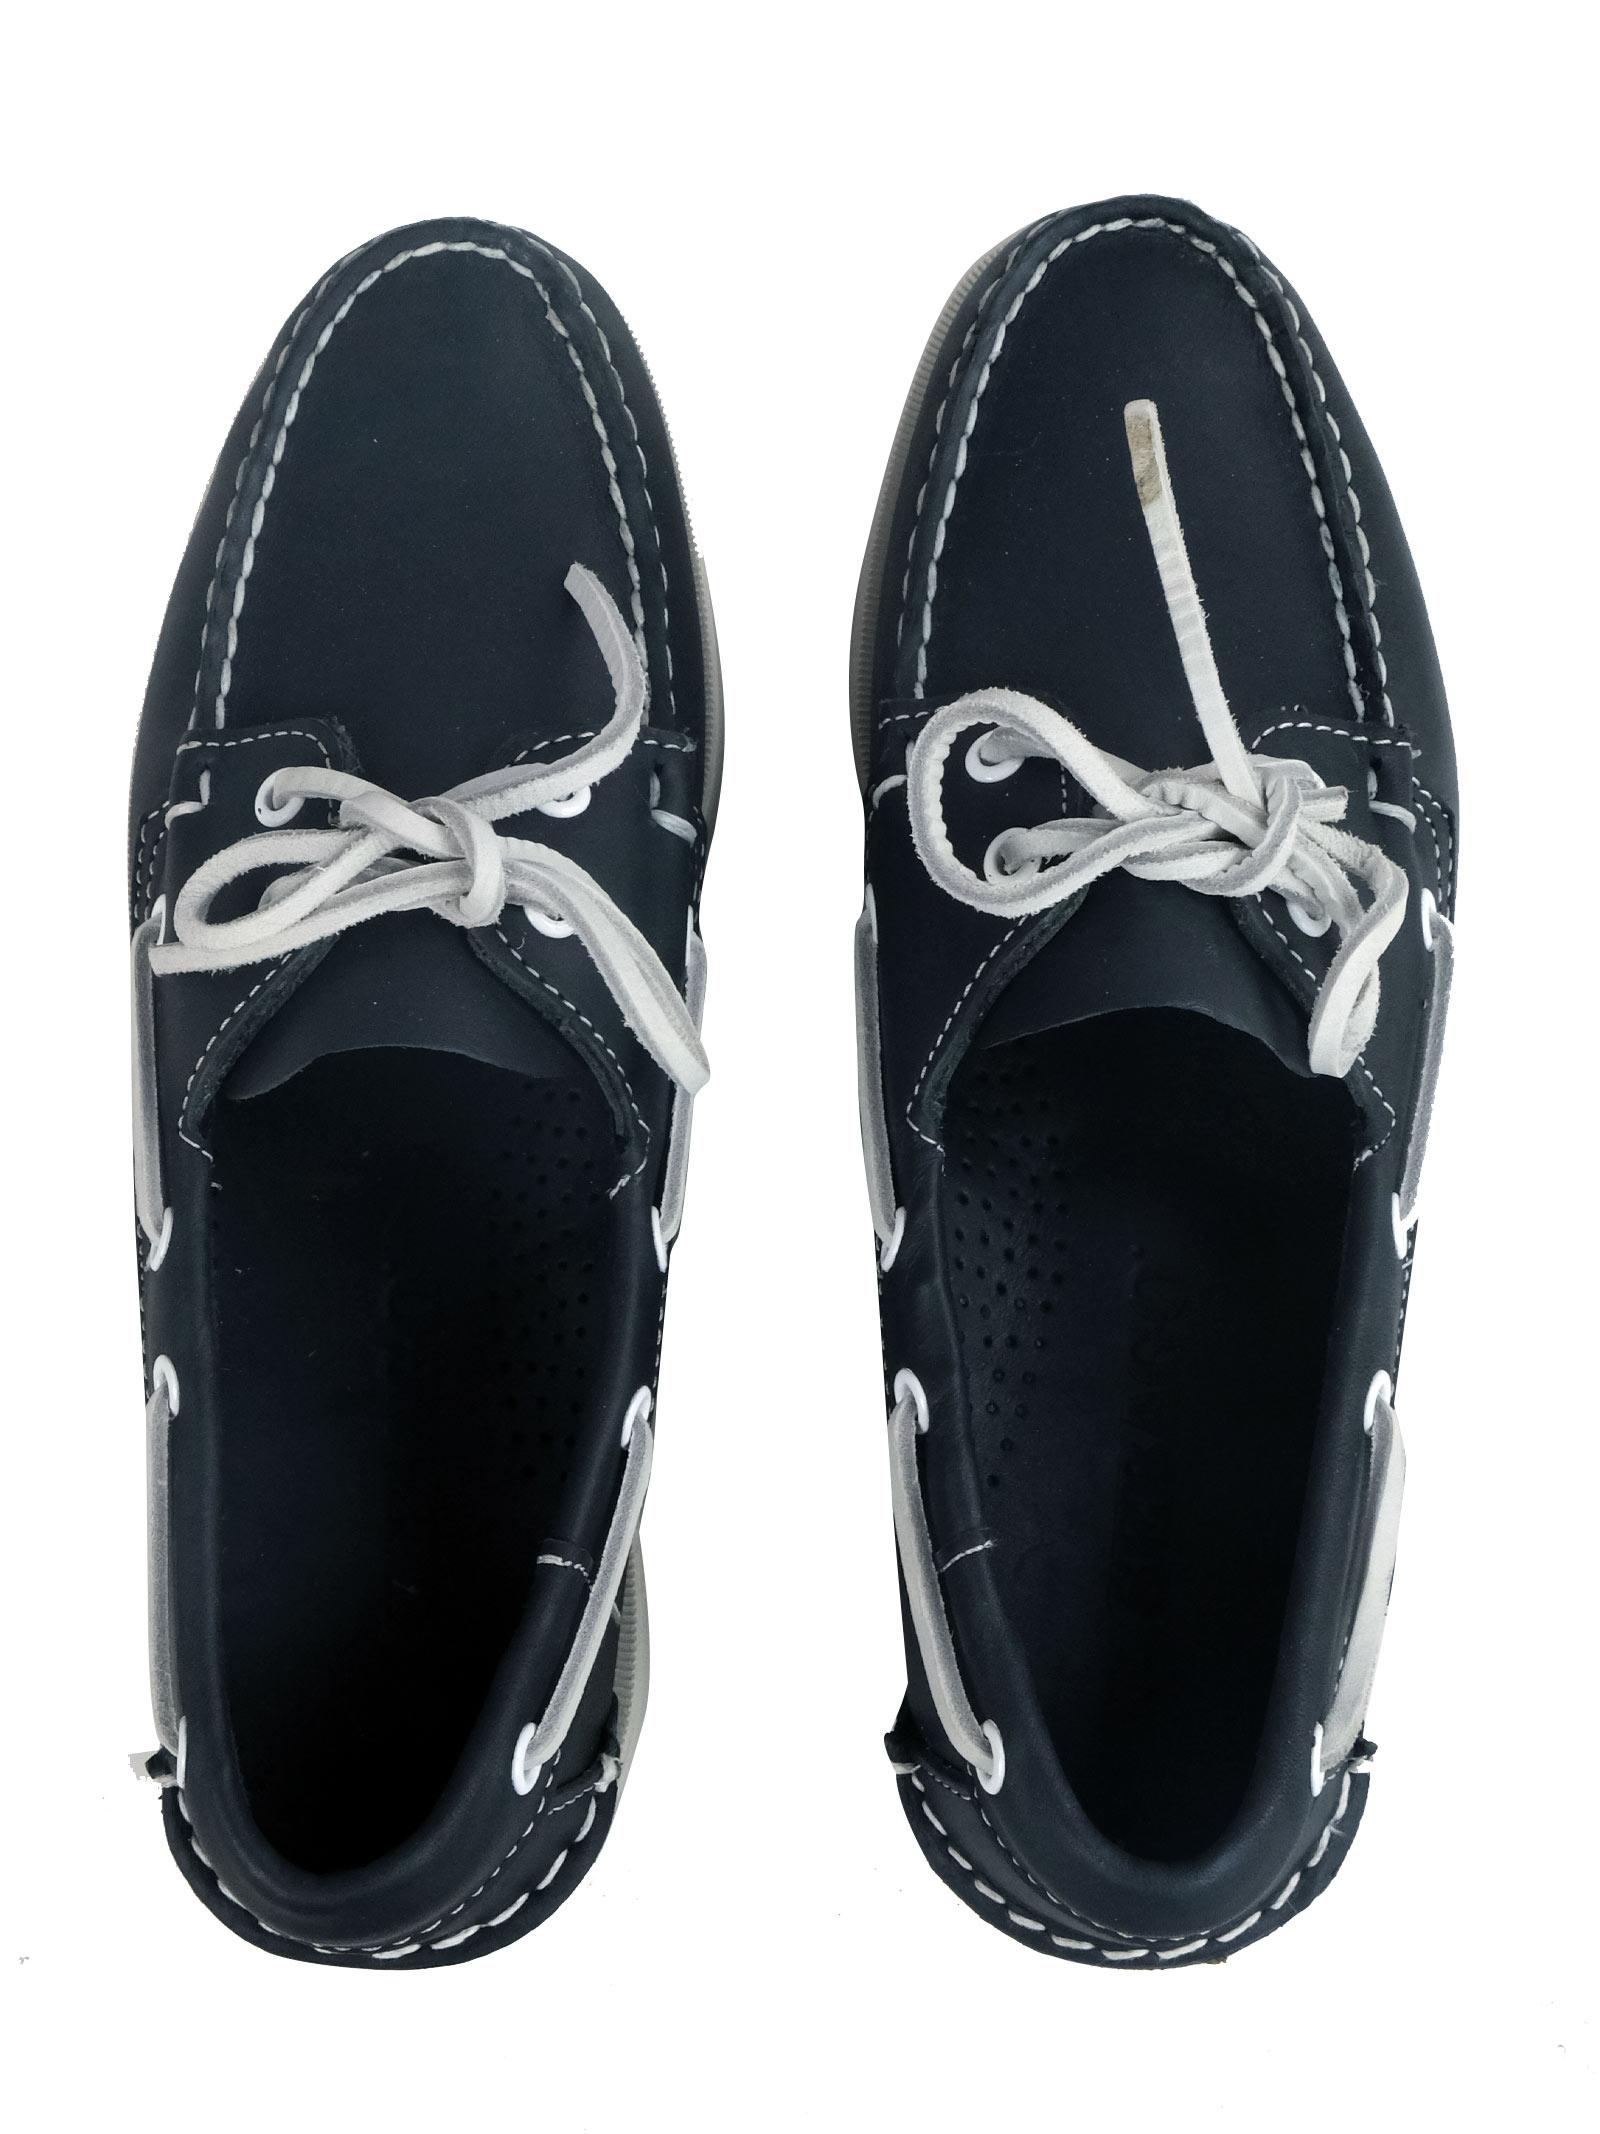 PORTLAND DOCK BOAT SHOE SEBAGO   Shoes   7000H00908